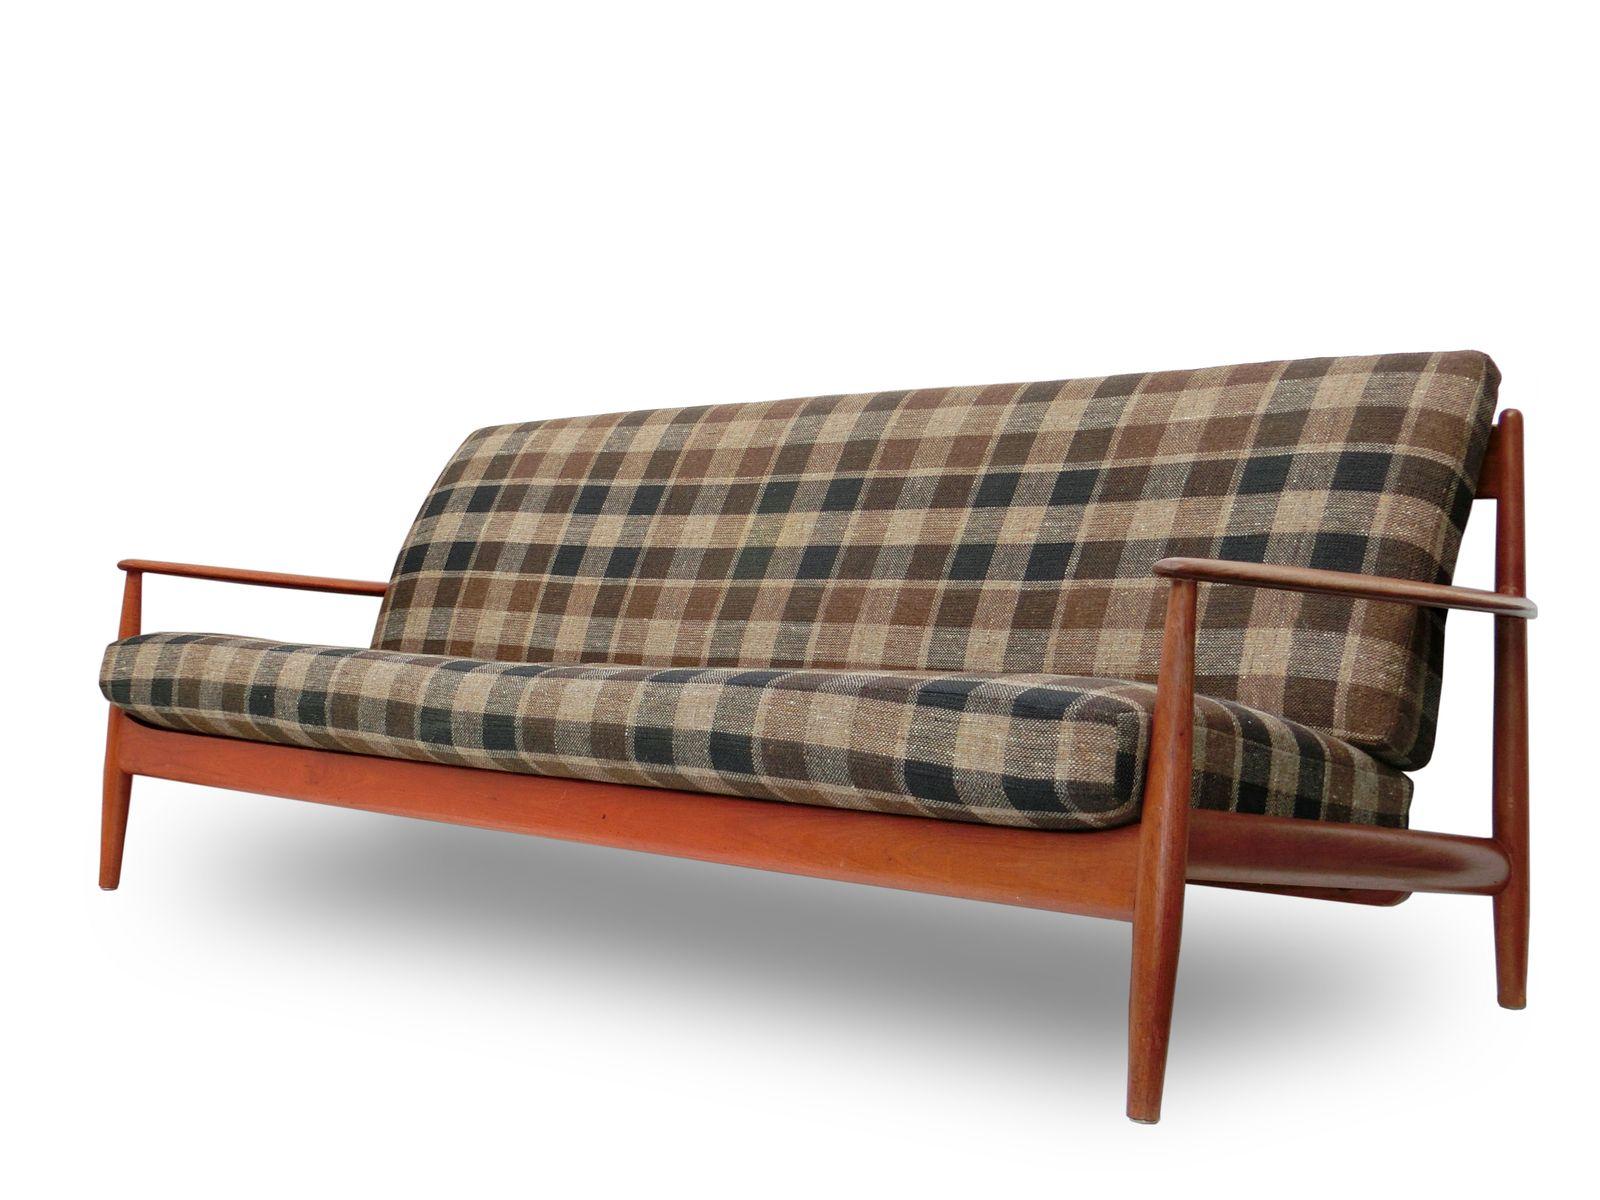 Vintage Danish Sofa Uk – Mjob Blog